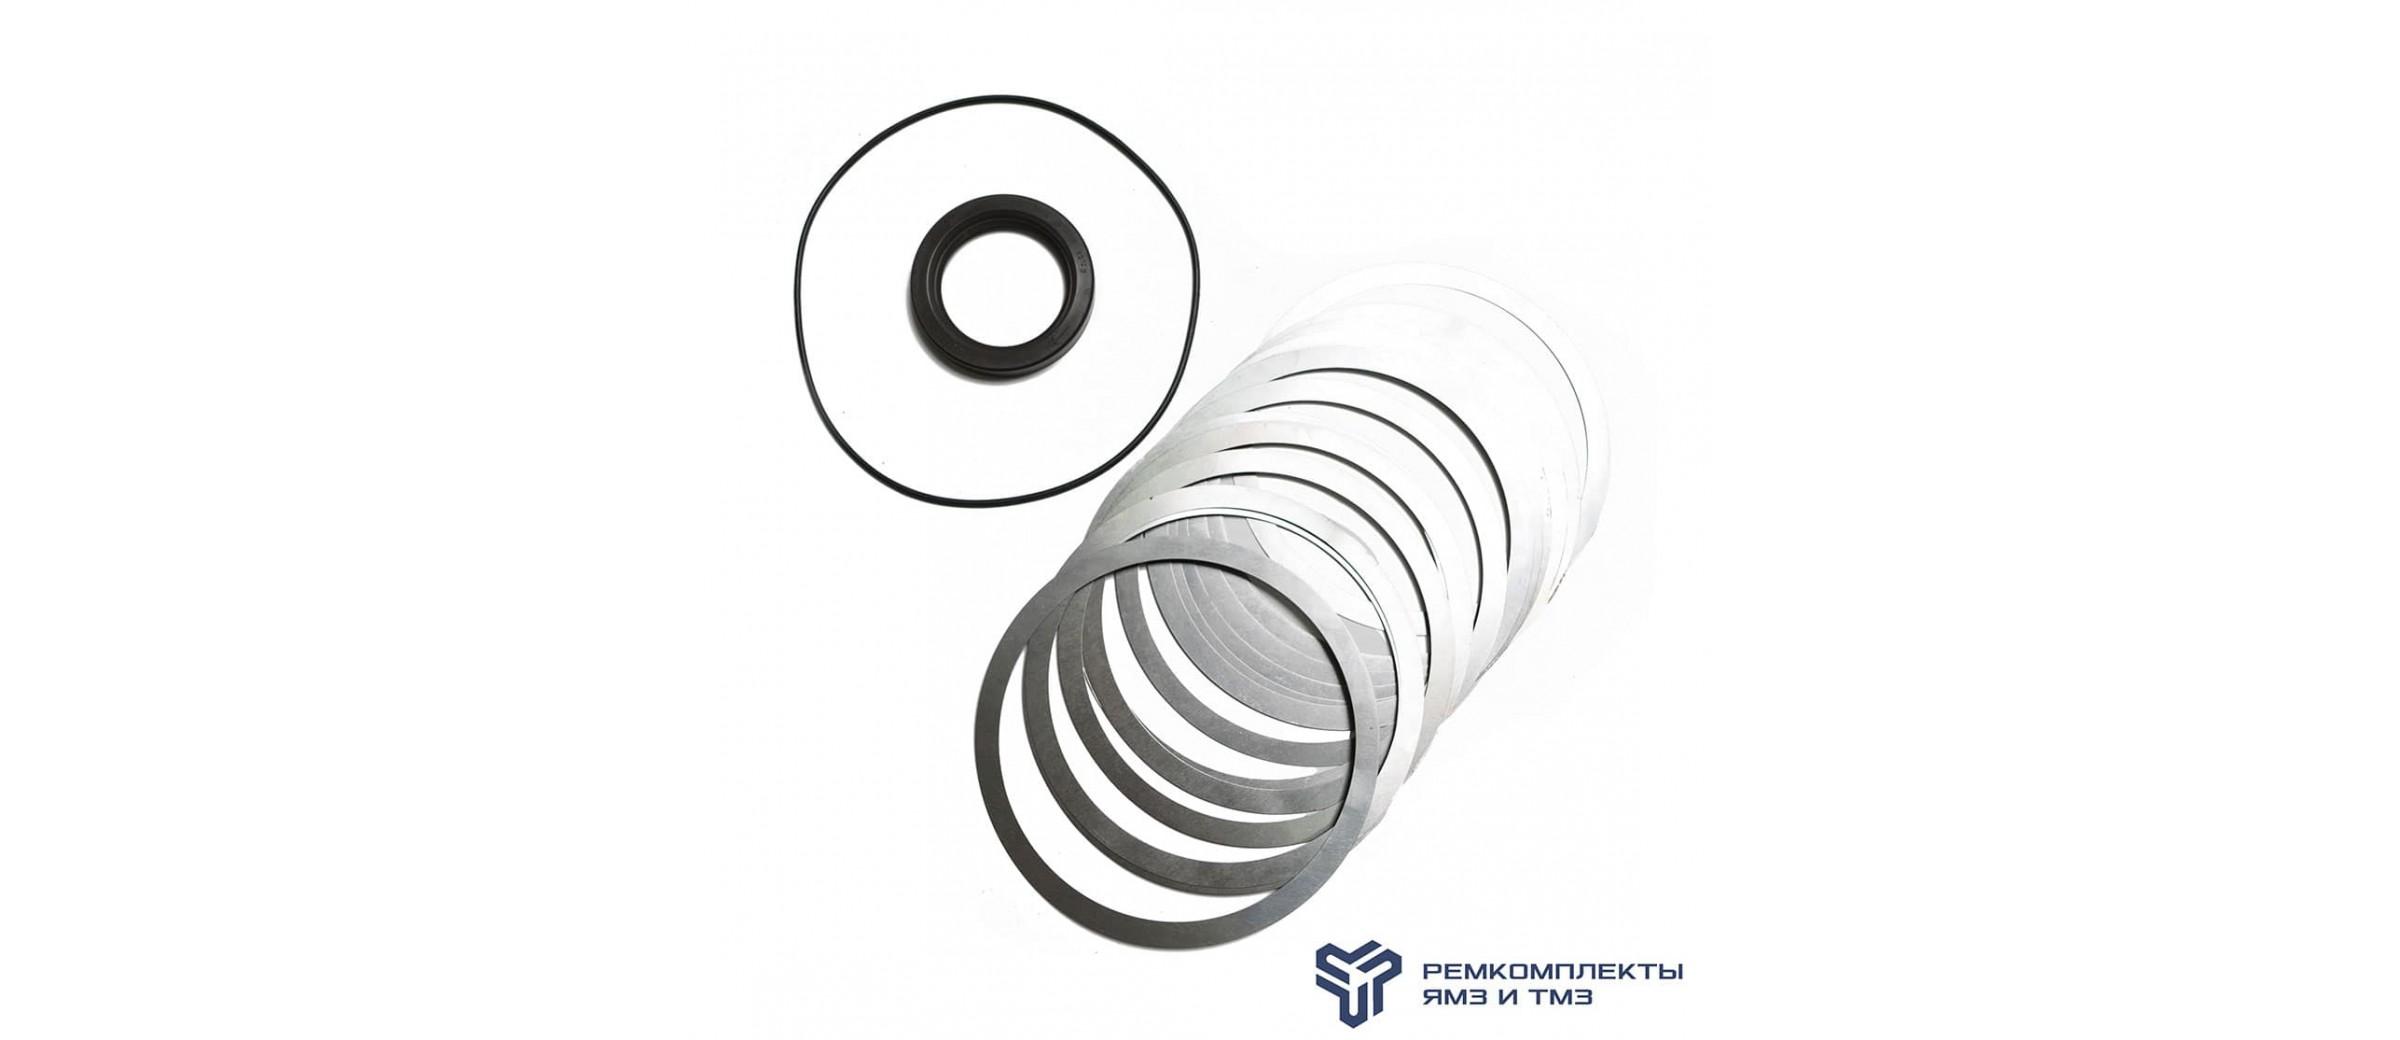 Ремкомплект крышки первичного вала КПП-239 (регулировочная прокладка.3,8)